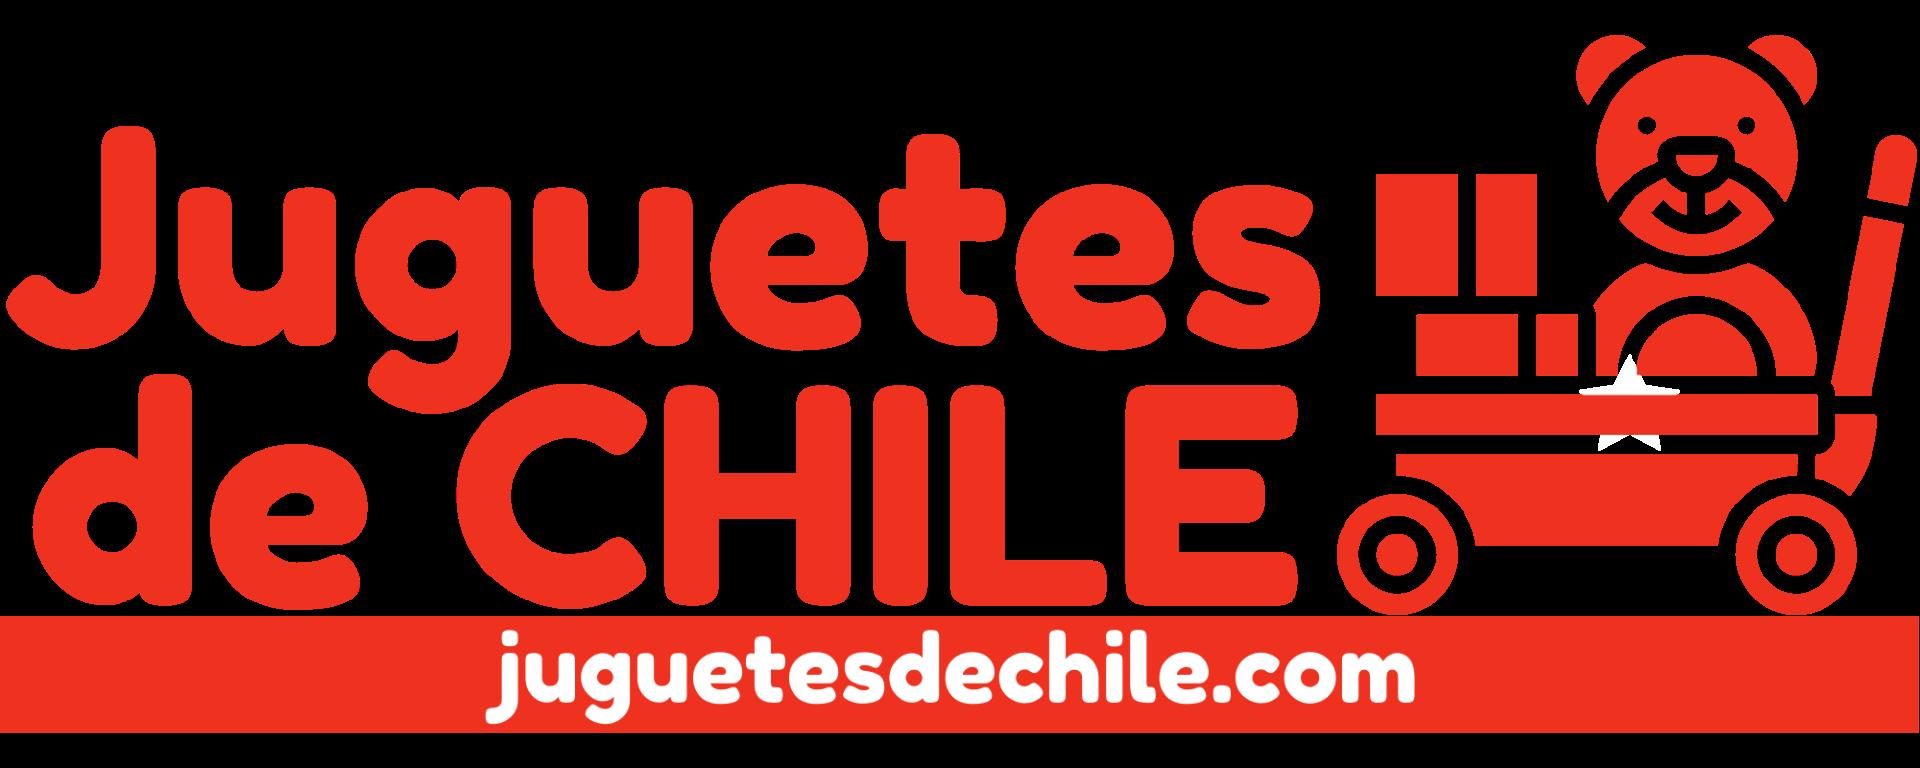 Juguetes de Chile